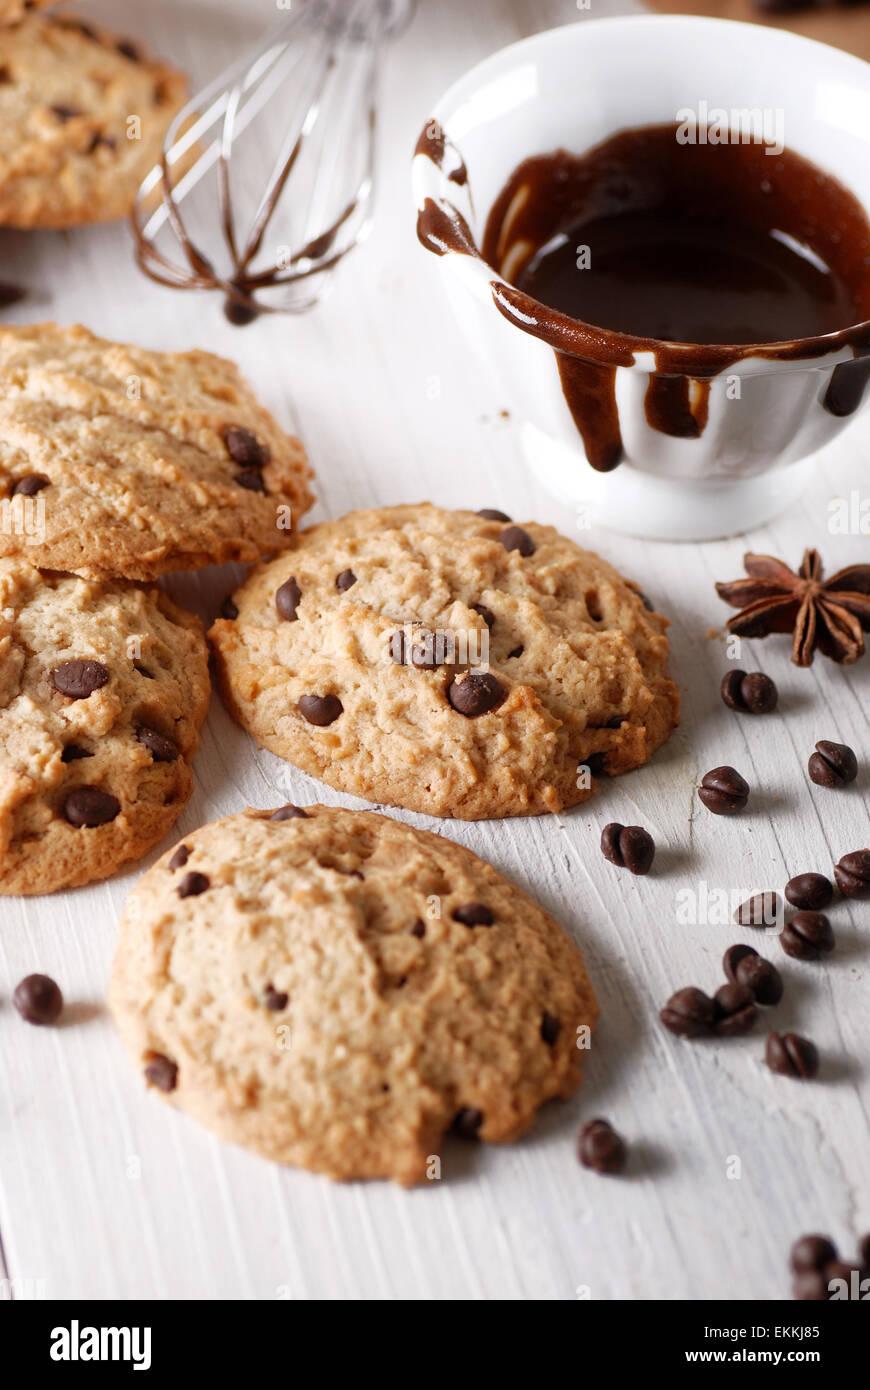 Biscotti al cioccolato con ingredienti intorno Immagini Stock